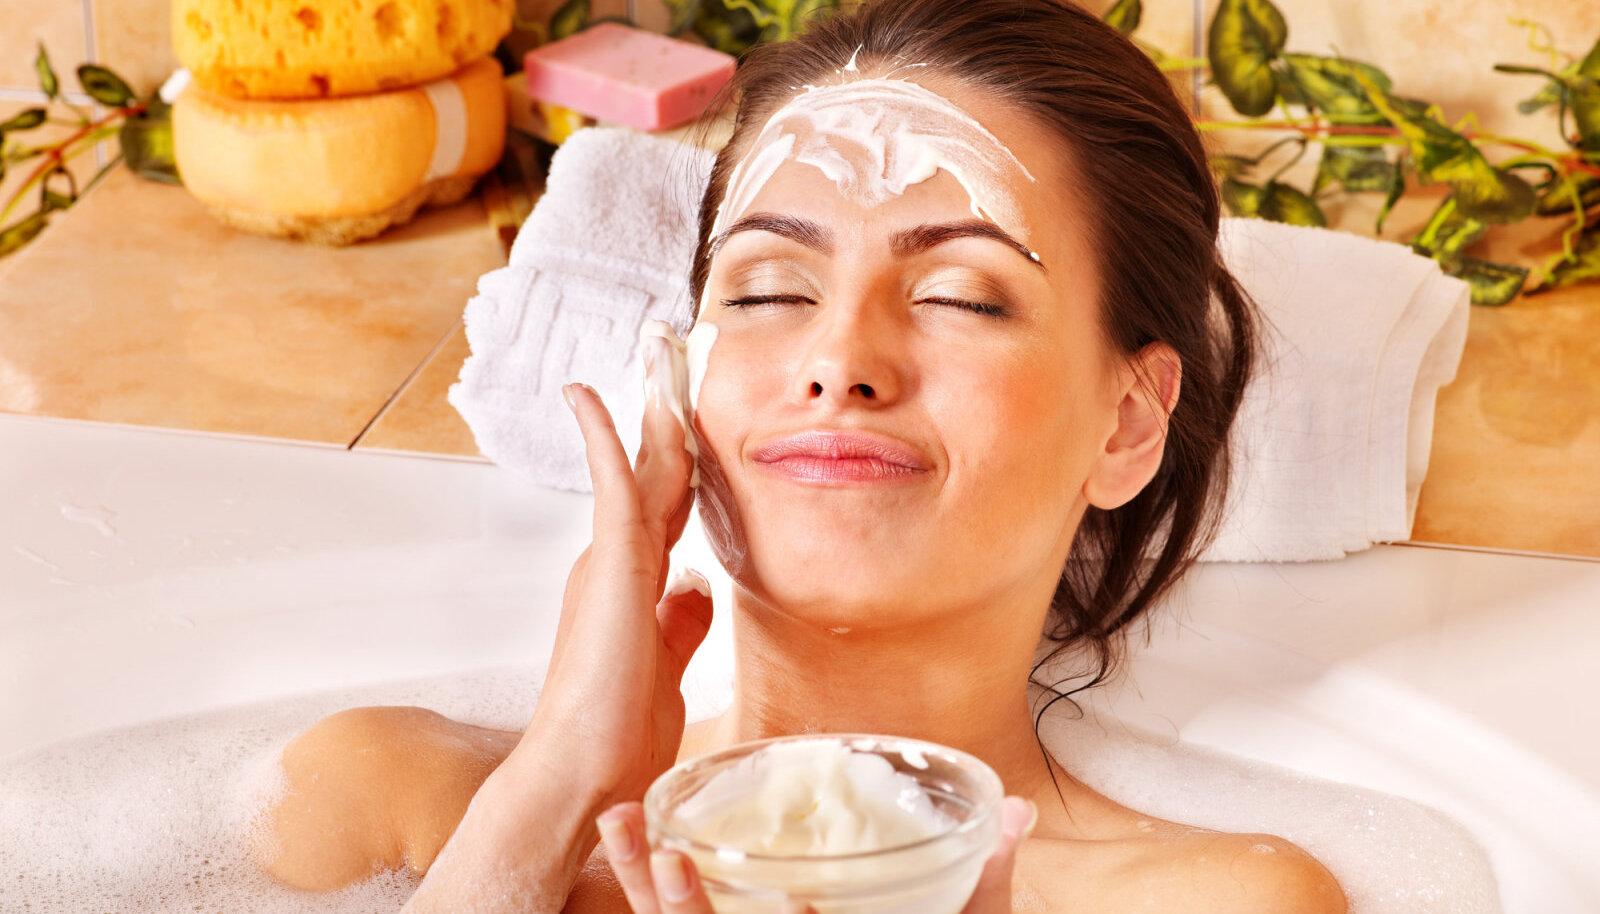 Kas sina tead, mida sisaldavad sinu kosmeetikatooted?